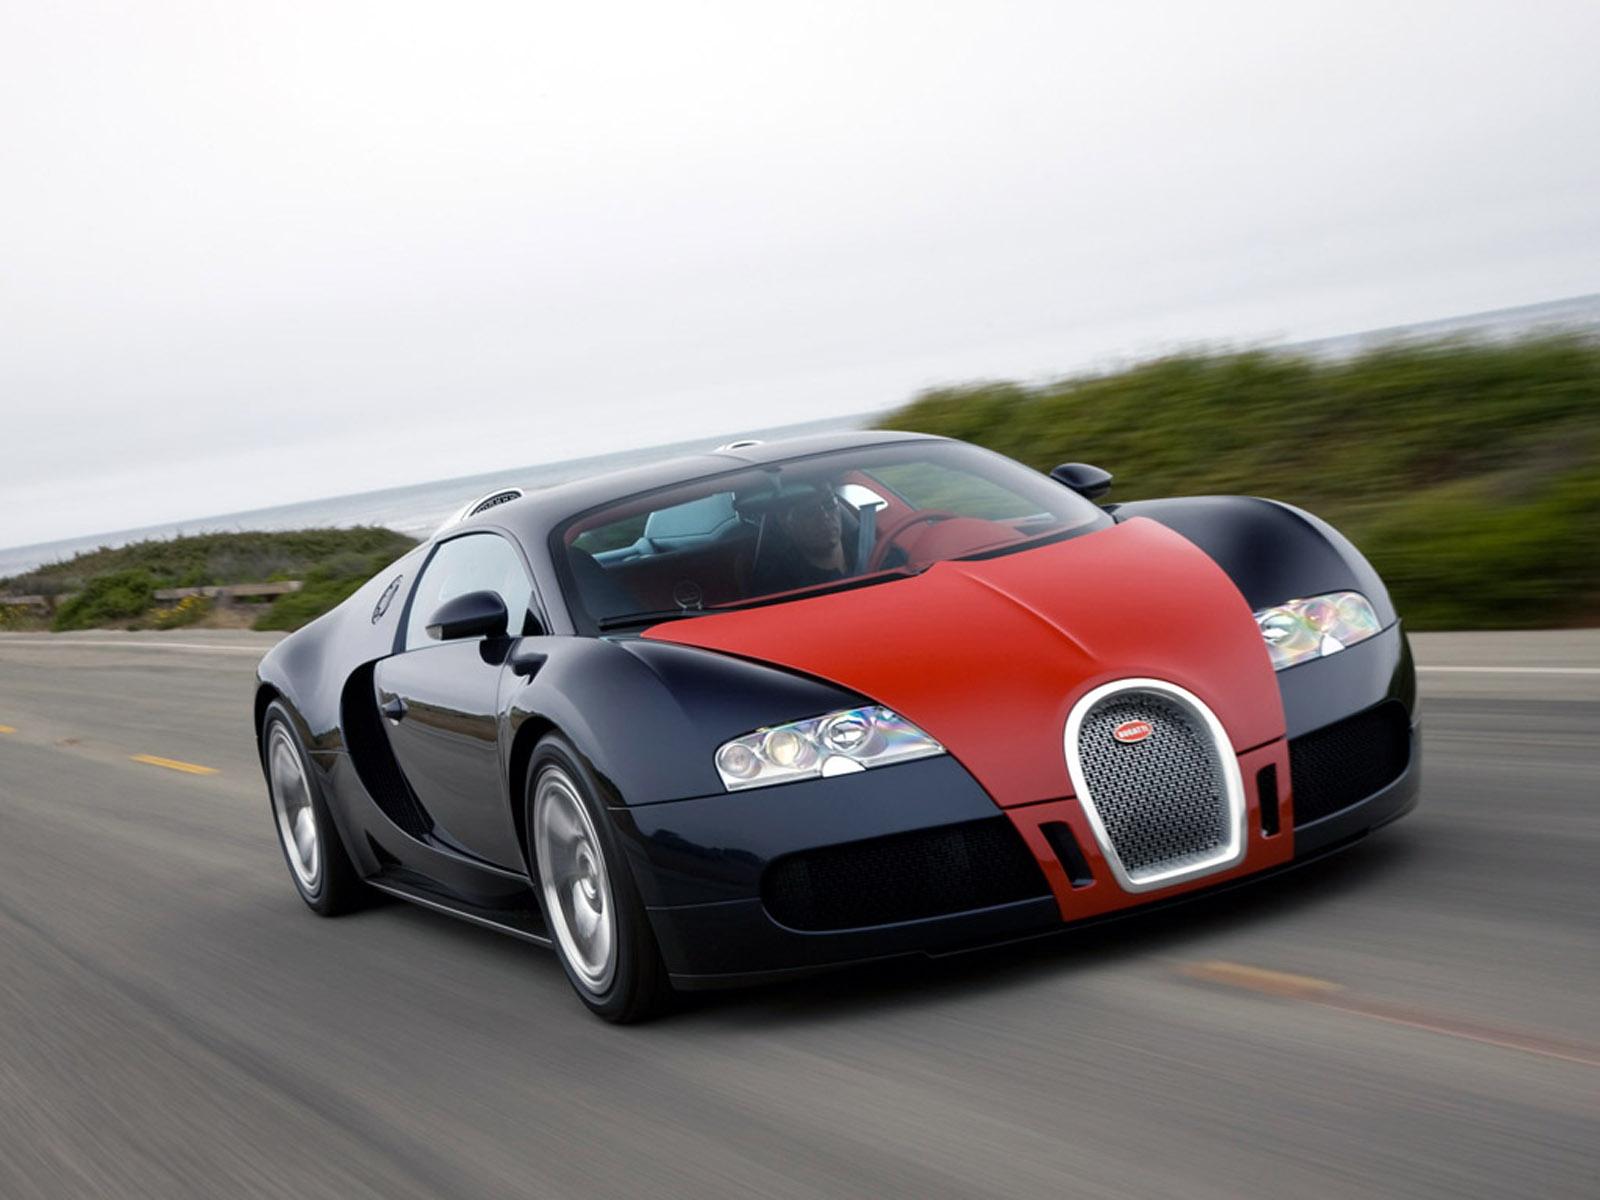 Замена масла наBugatti Veyron стоит больше миллиона рублей